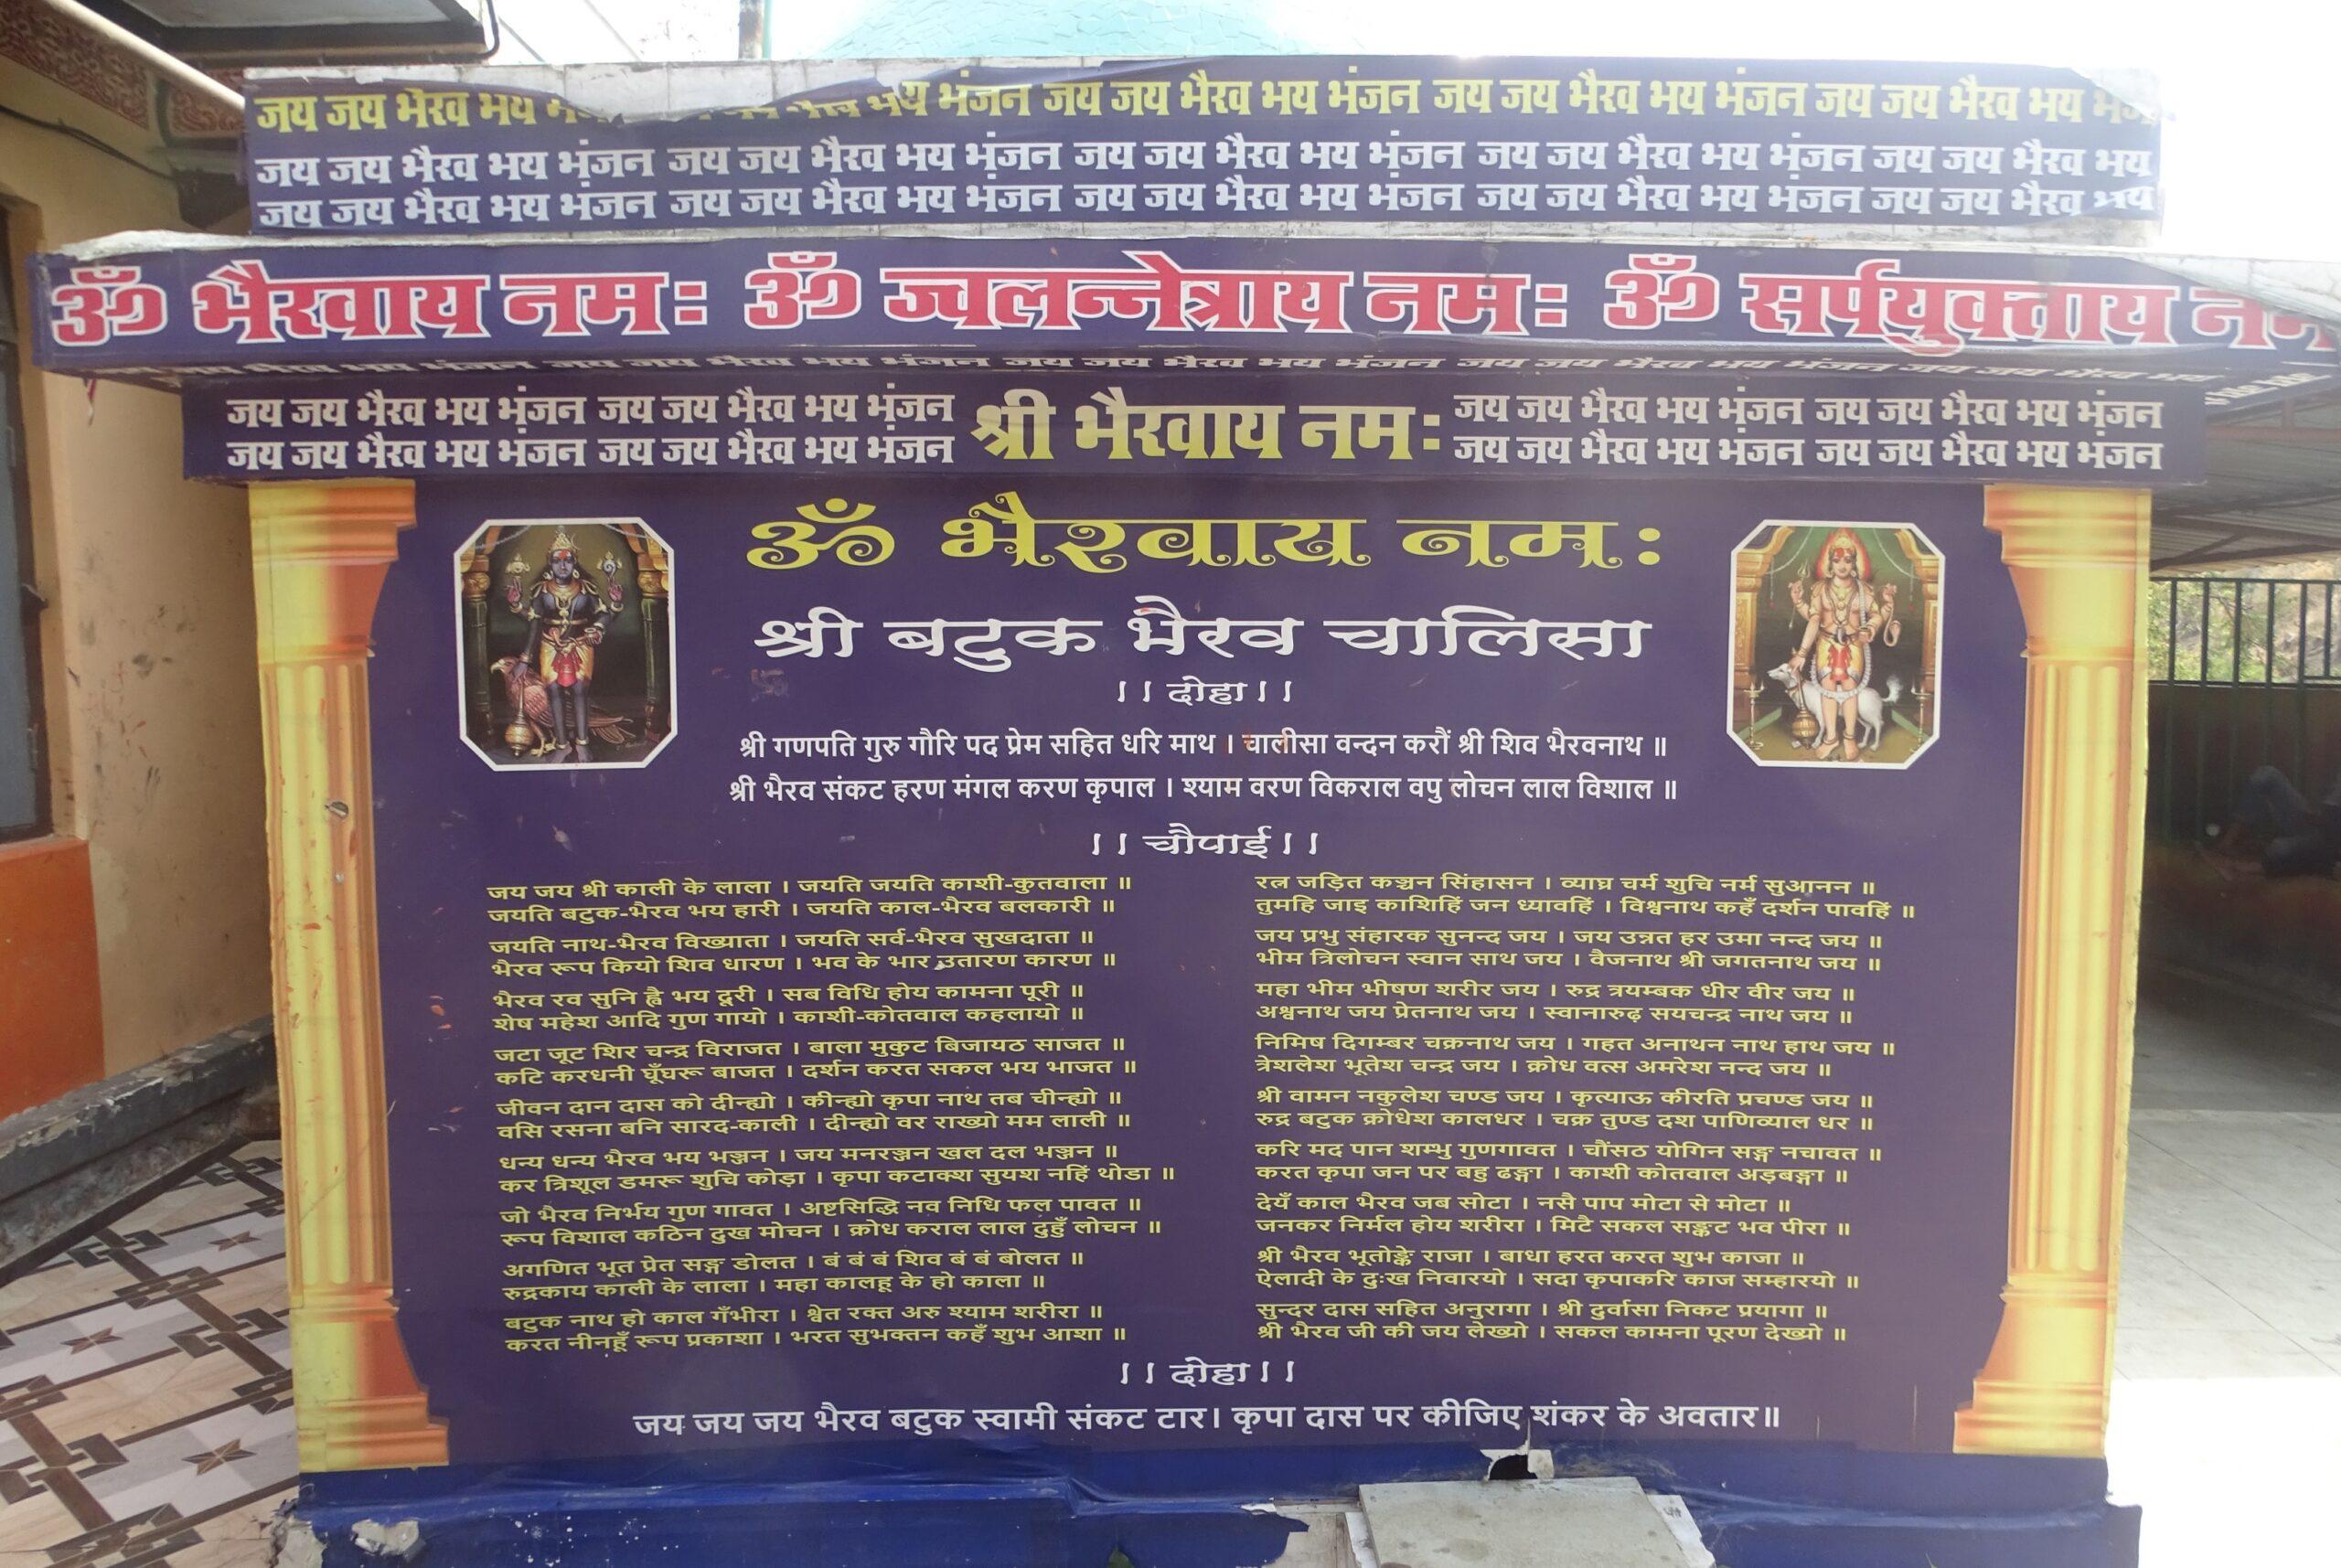 Shree Batuk Bhairav Chalisa